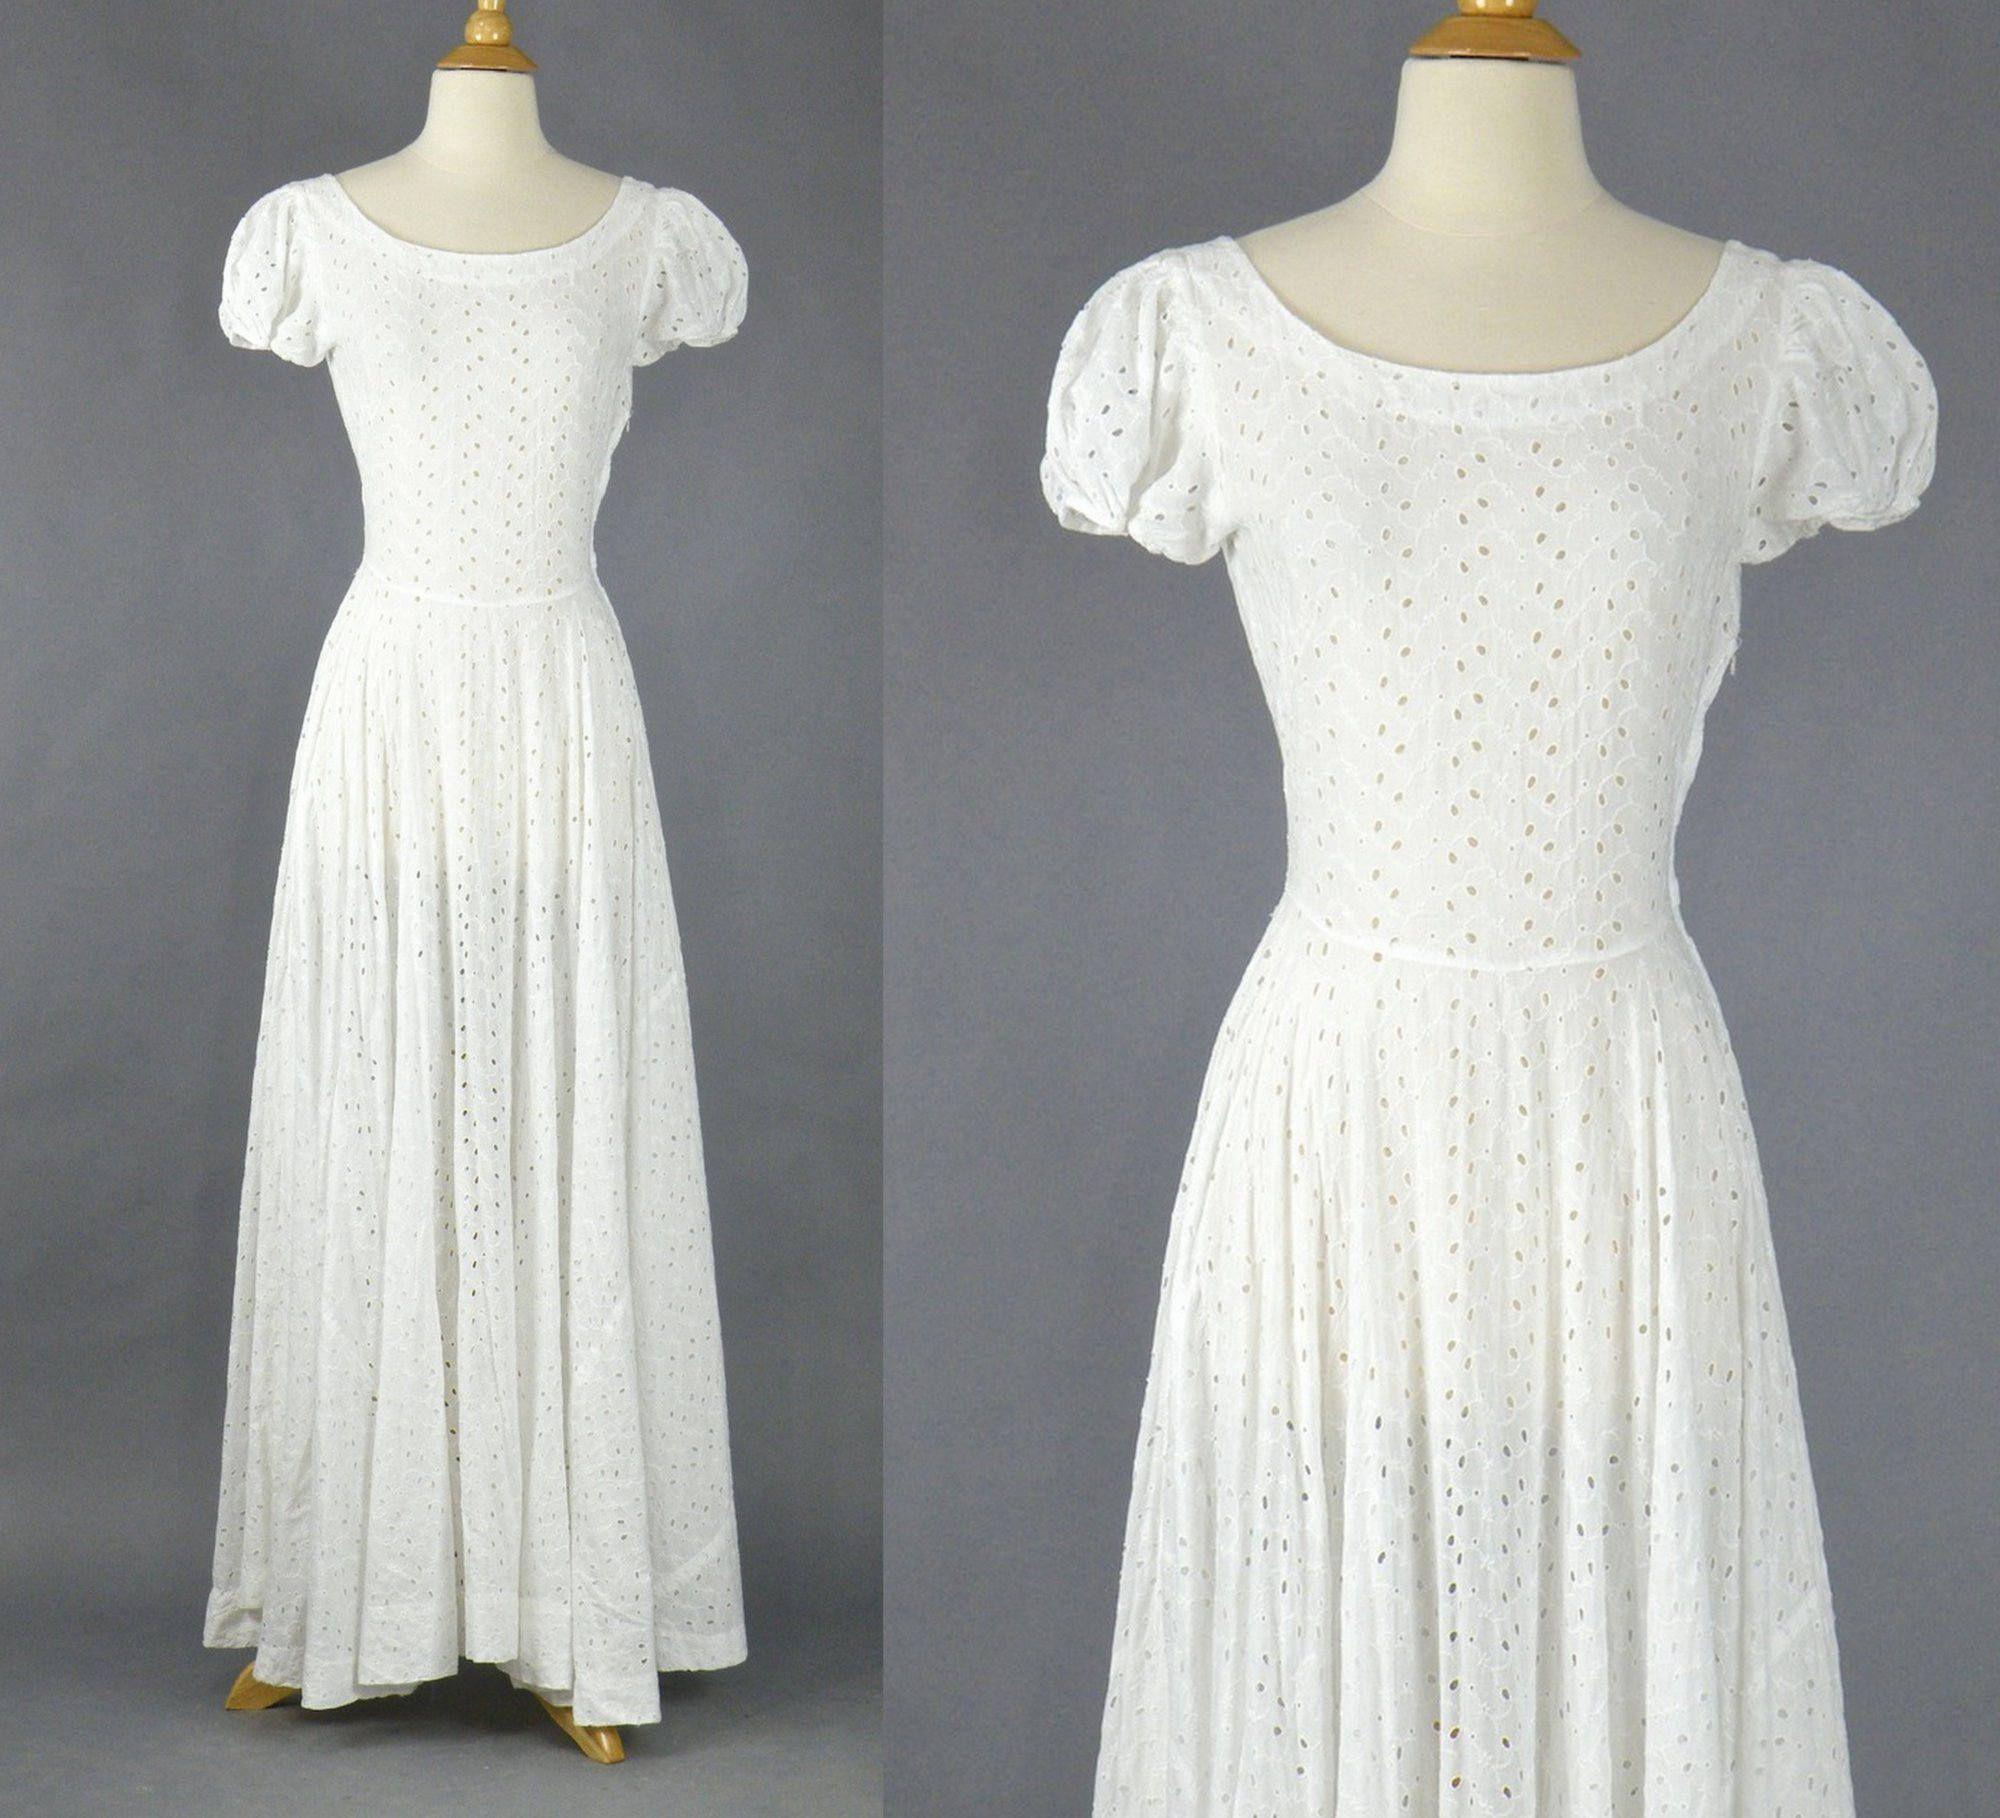 1940s White Eyelet Dress Vintage 40s Cotton Wedding